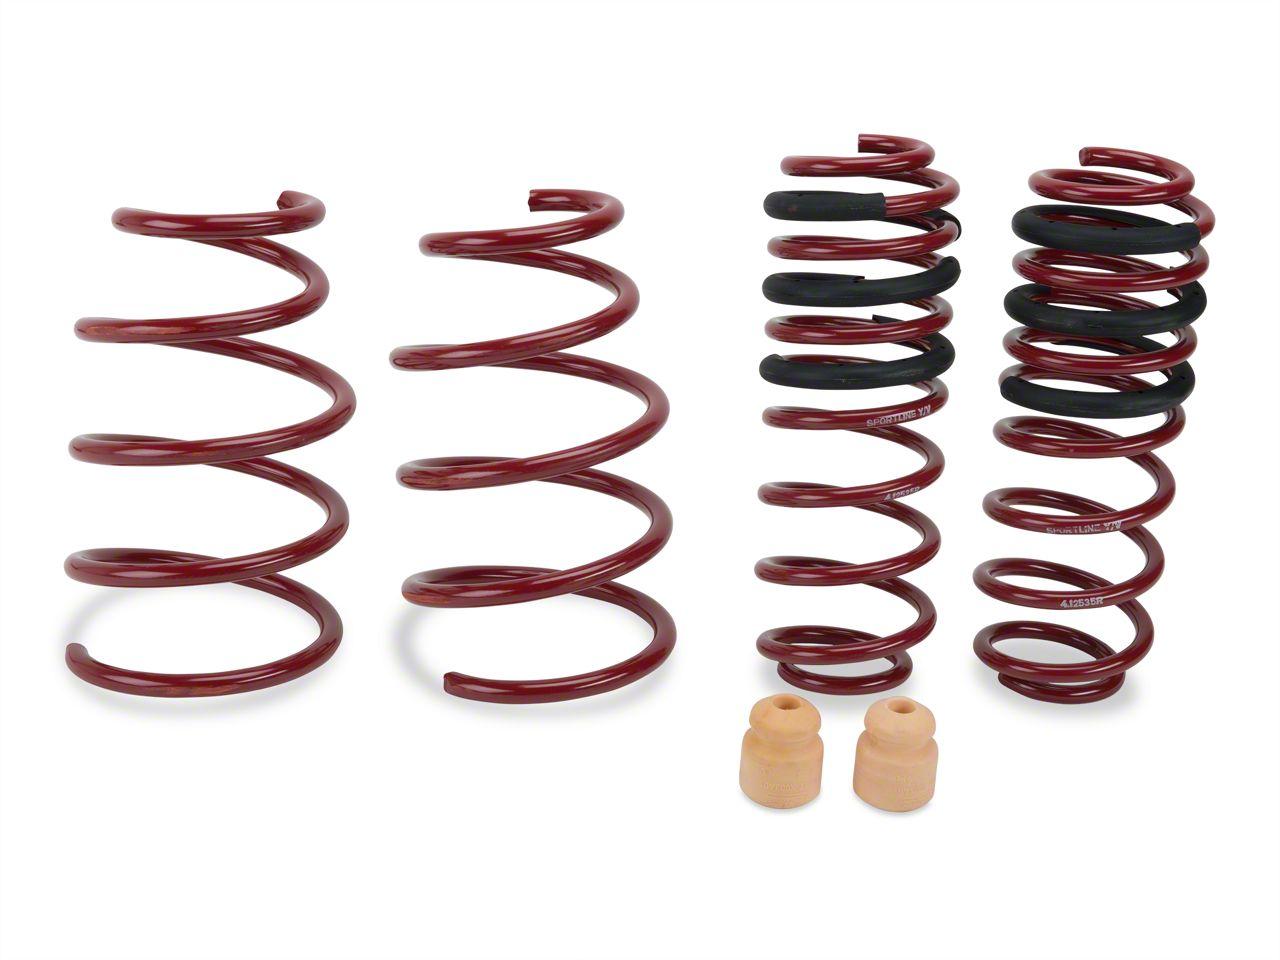 Eibach Sportline Spring Kit (11-14 GT, V6)